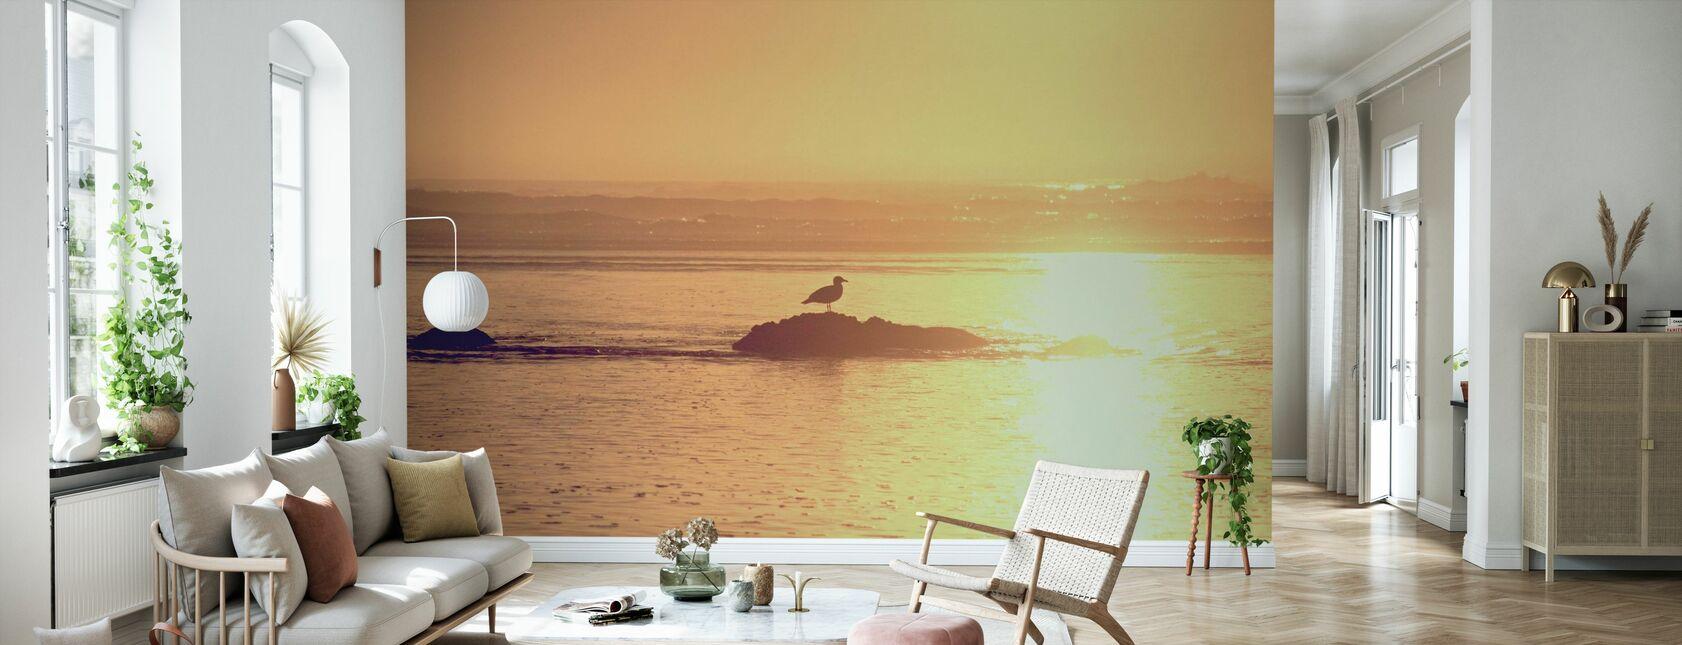 Kalaloch Sunset - Wallpaper - Living Room